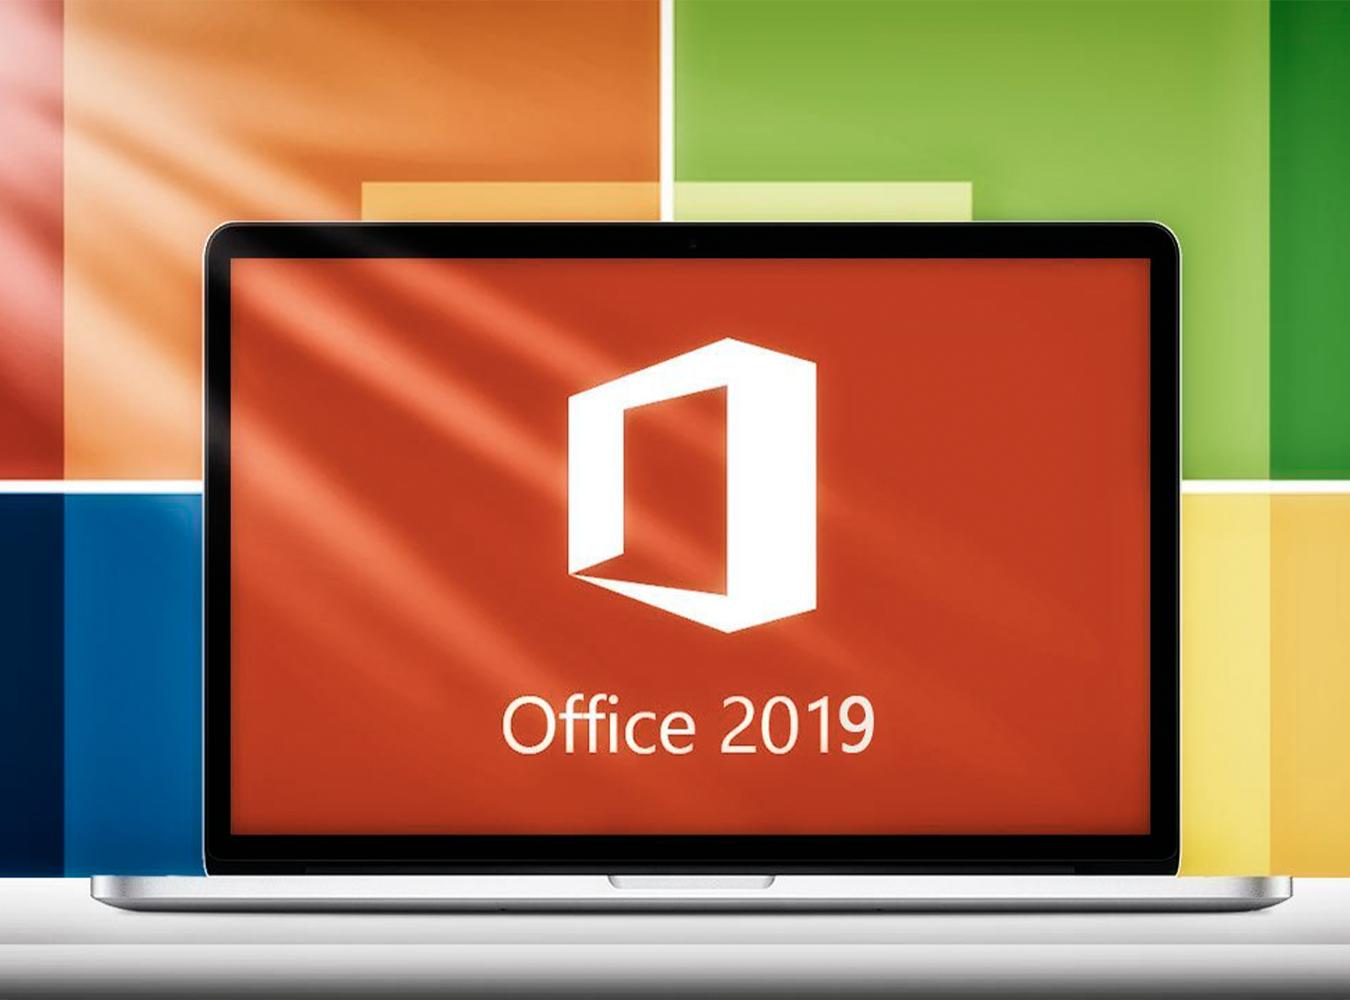 Активация Office 2019 Pro Plus через бота Microsoft